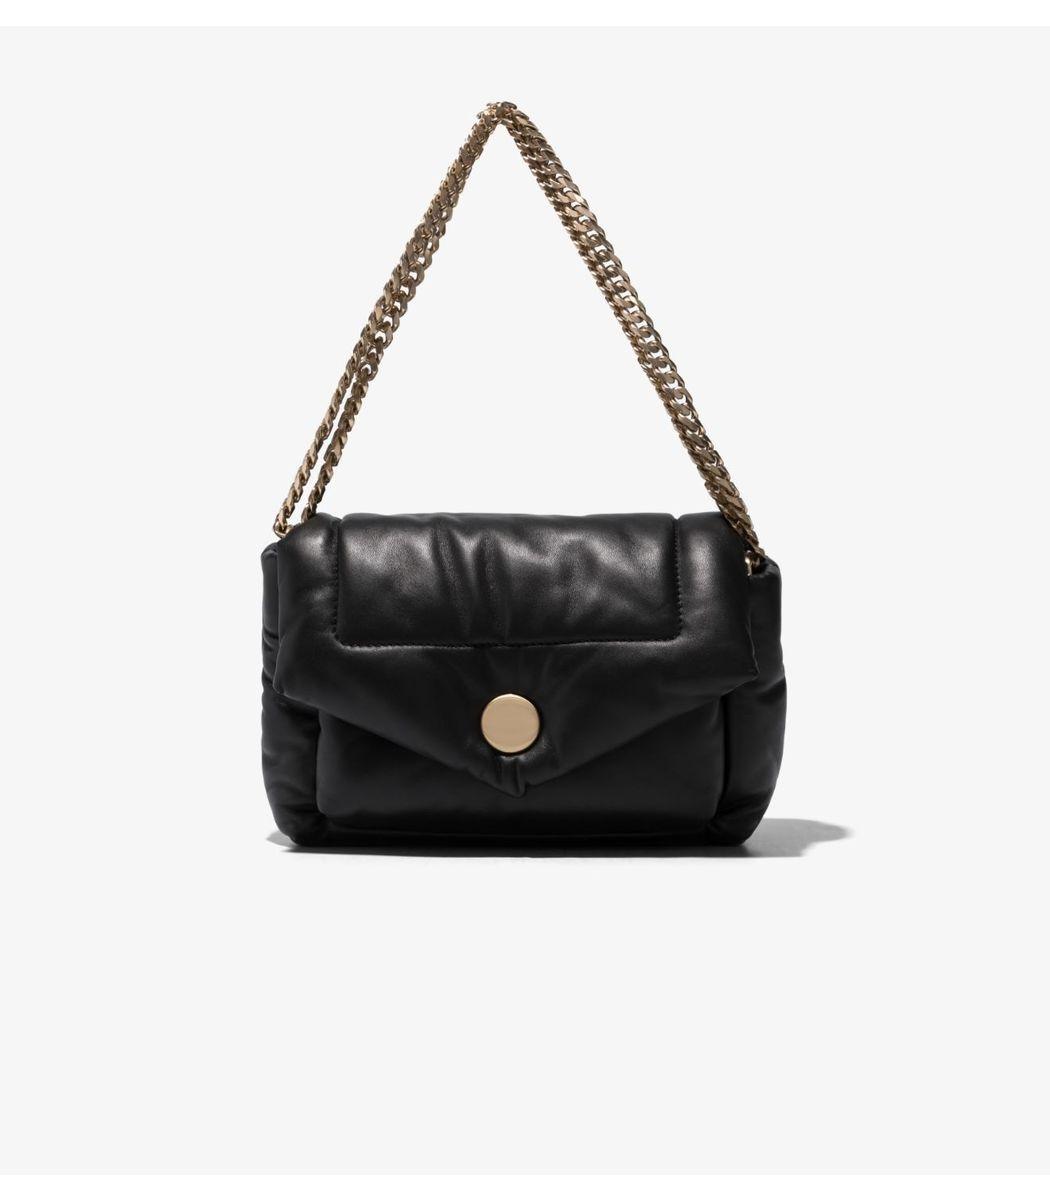 Proenza Schouler Nappa Puffy Chain Shoulder Bag